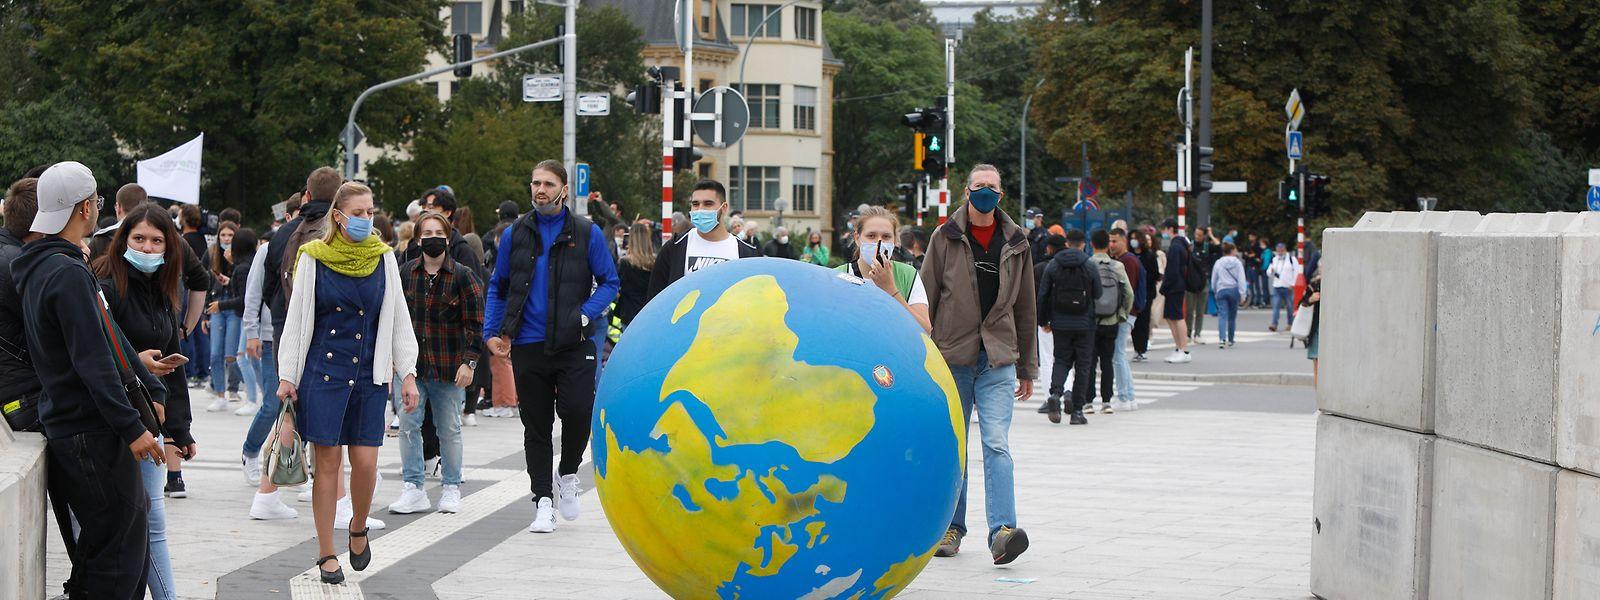 Ein großer Globus führte den Schülermarsch an.